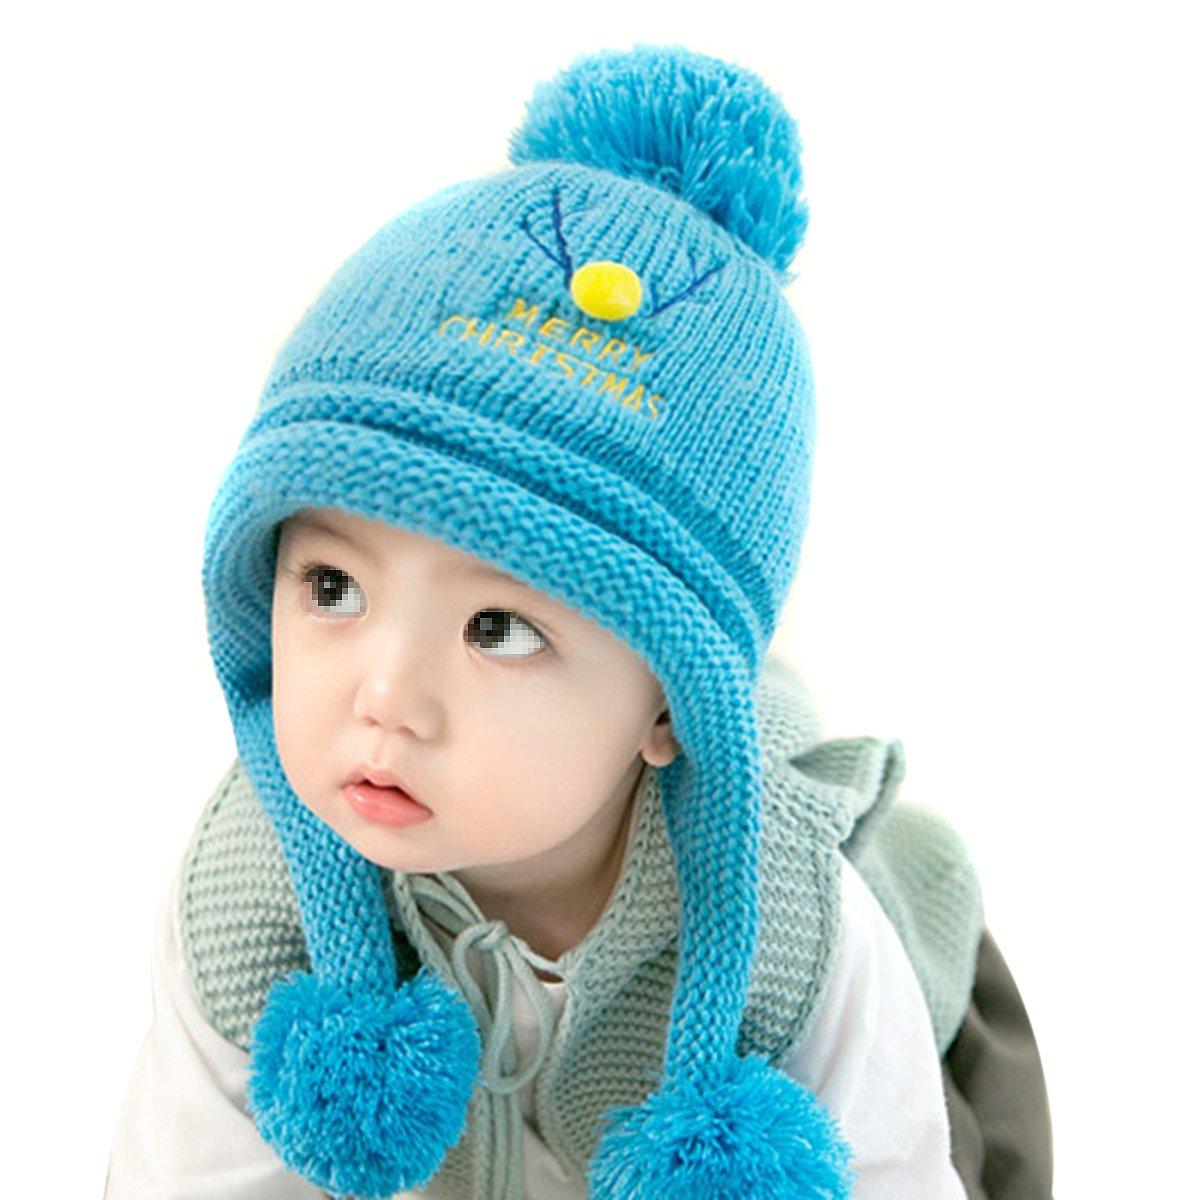 Hüte, Mützen & Caps Bekleidung Butterme Baby Kind warme Winter gestrickte Hüte Dickes Woolen Earflap Hauben Hut mit bequemen Zwischenlage Weihnachtshüten Rot